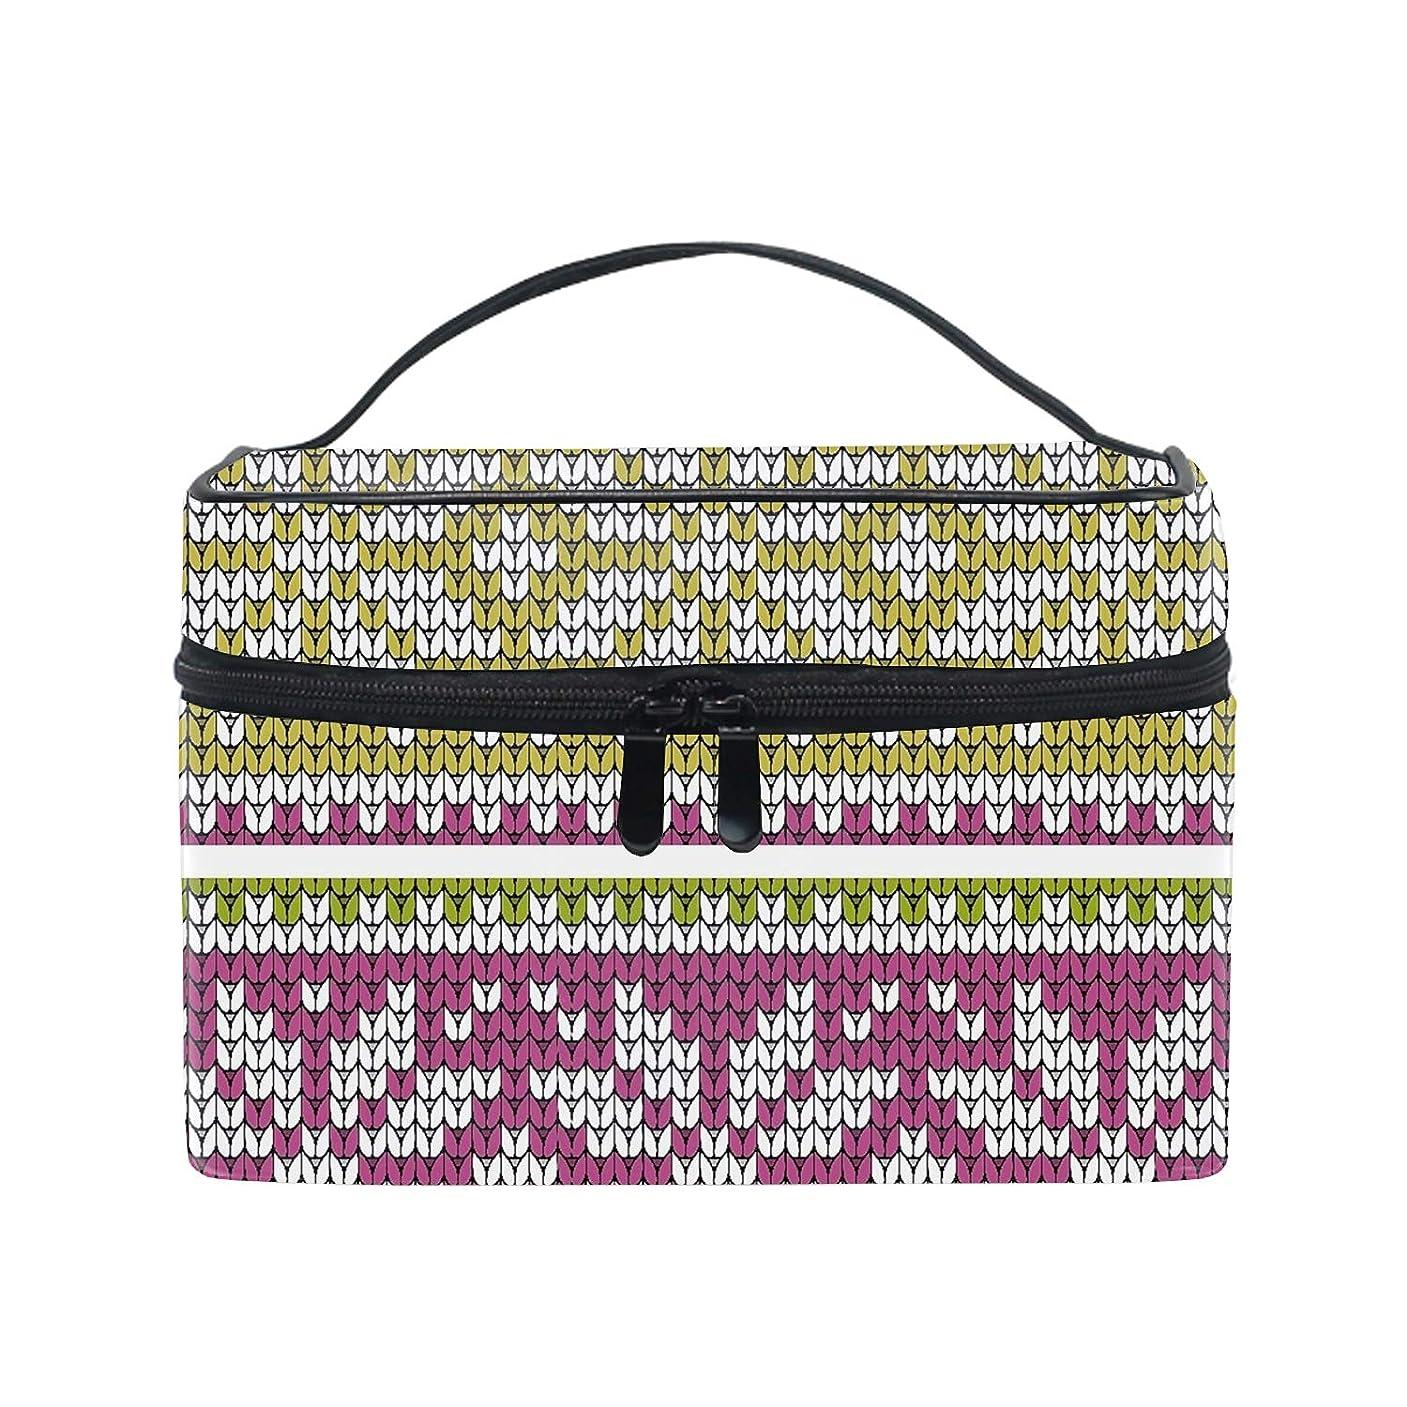 ニュージーランド一貫した聖なる織りパターン化粧品収納 小物入れ 軽量 防水 旅行も便利 かわいい おしゃれ キャリーケース